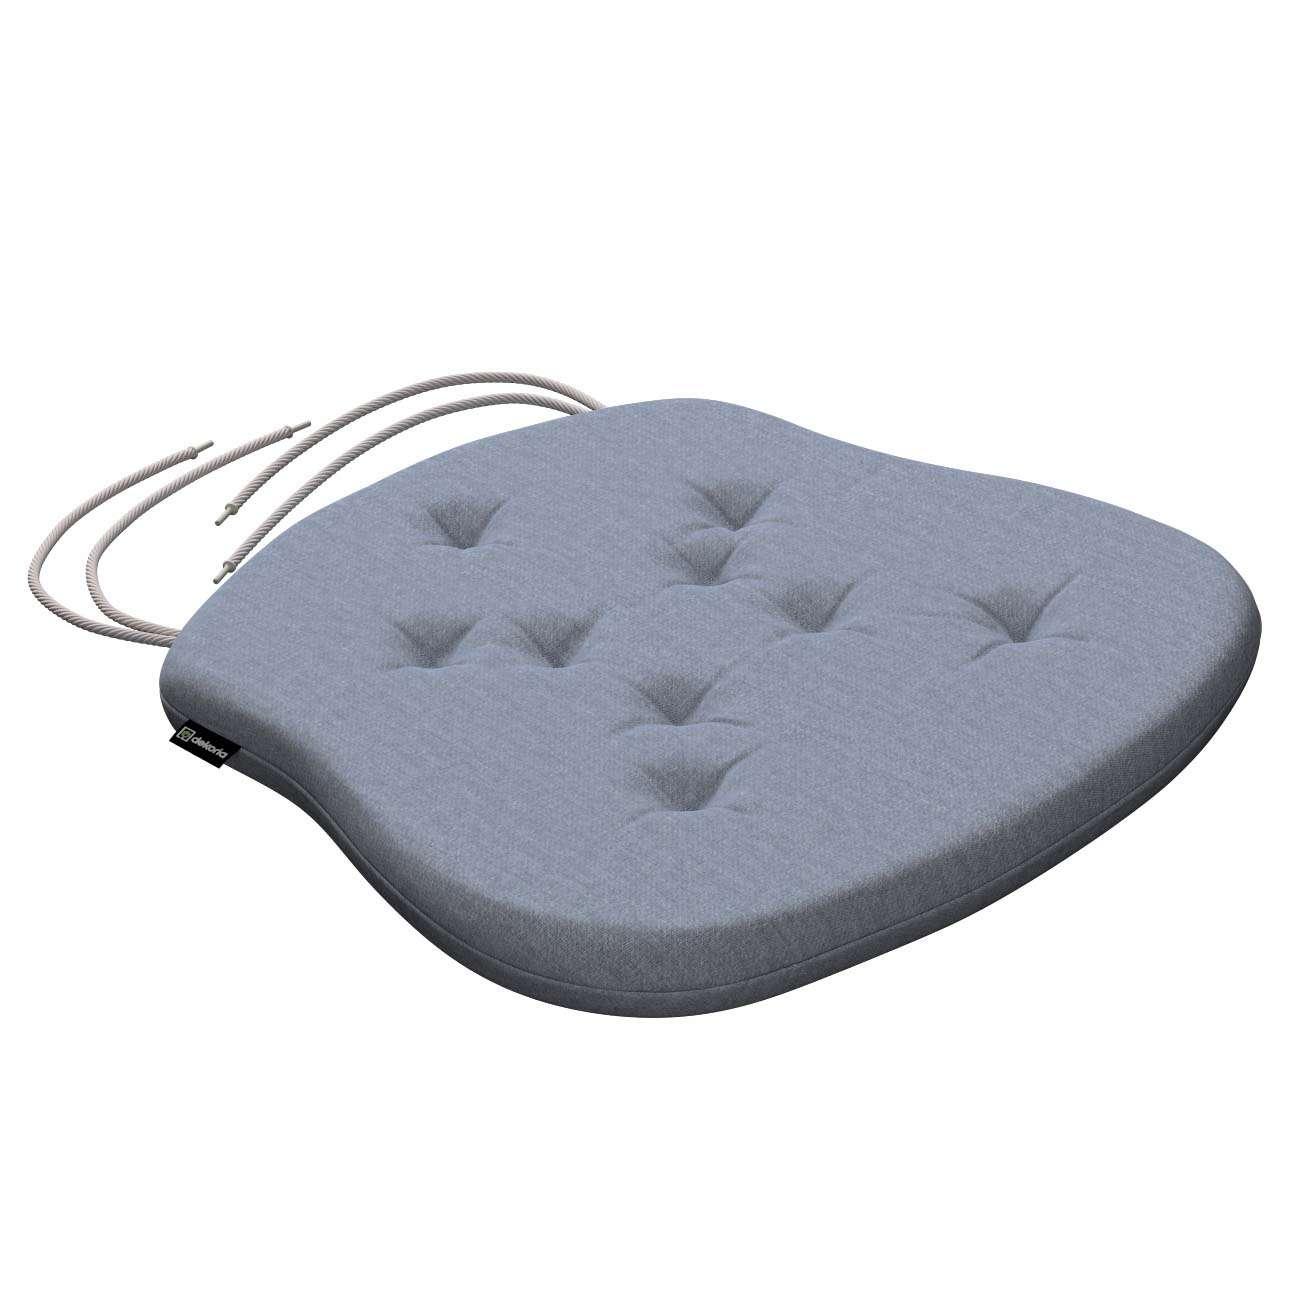 Siedzisko Filip na krzesło 41x38x3,5 cm w kolekcji Chenille, tkanina: 702-13